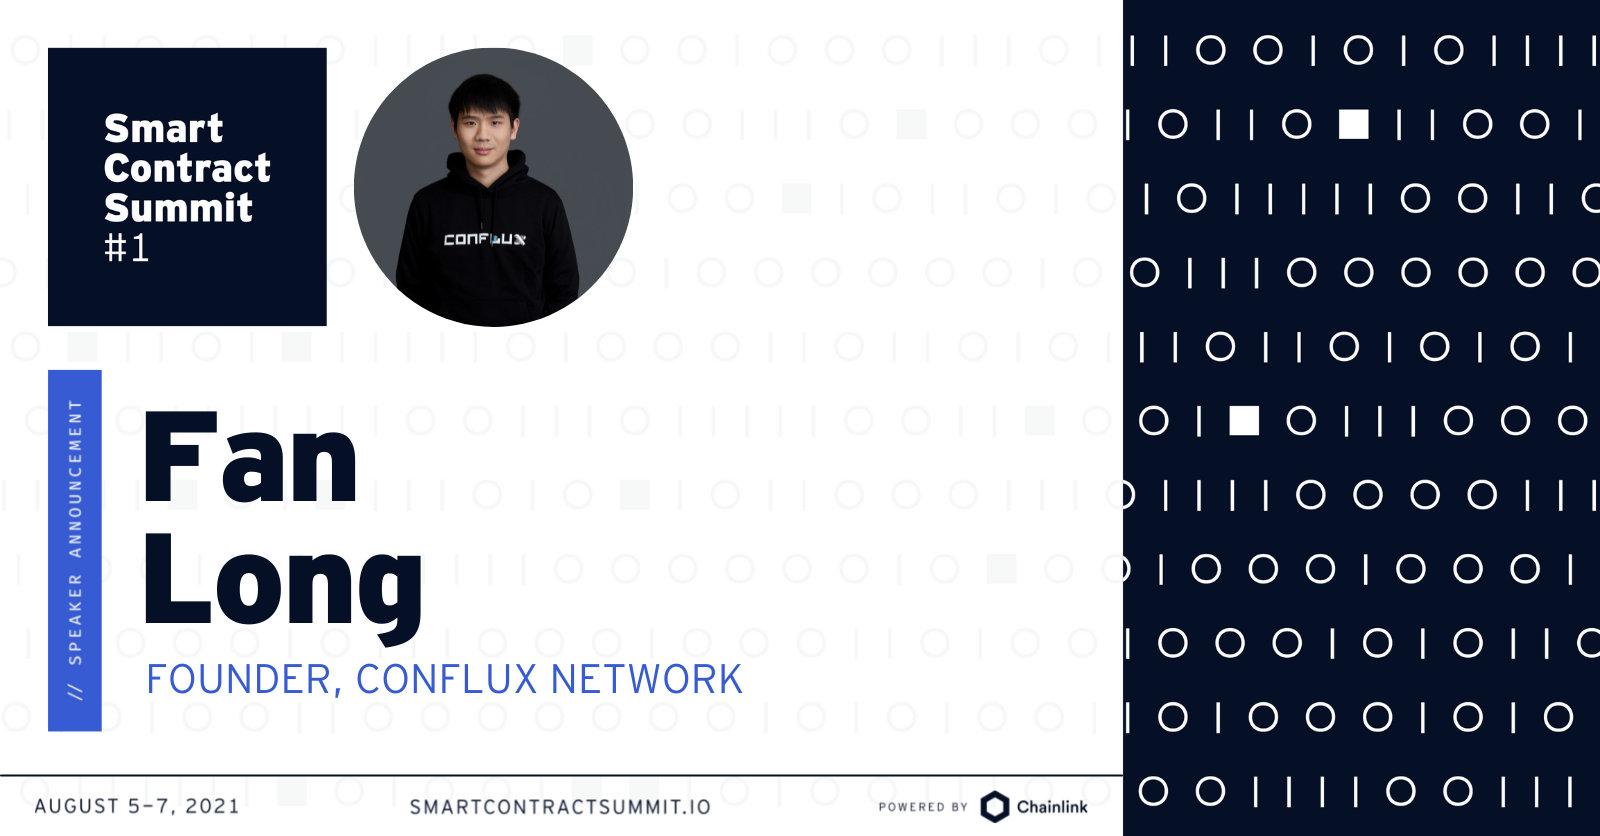 月7日晚8:20,创始人龙凡教授将现身@Chainlink预言机